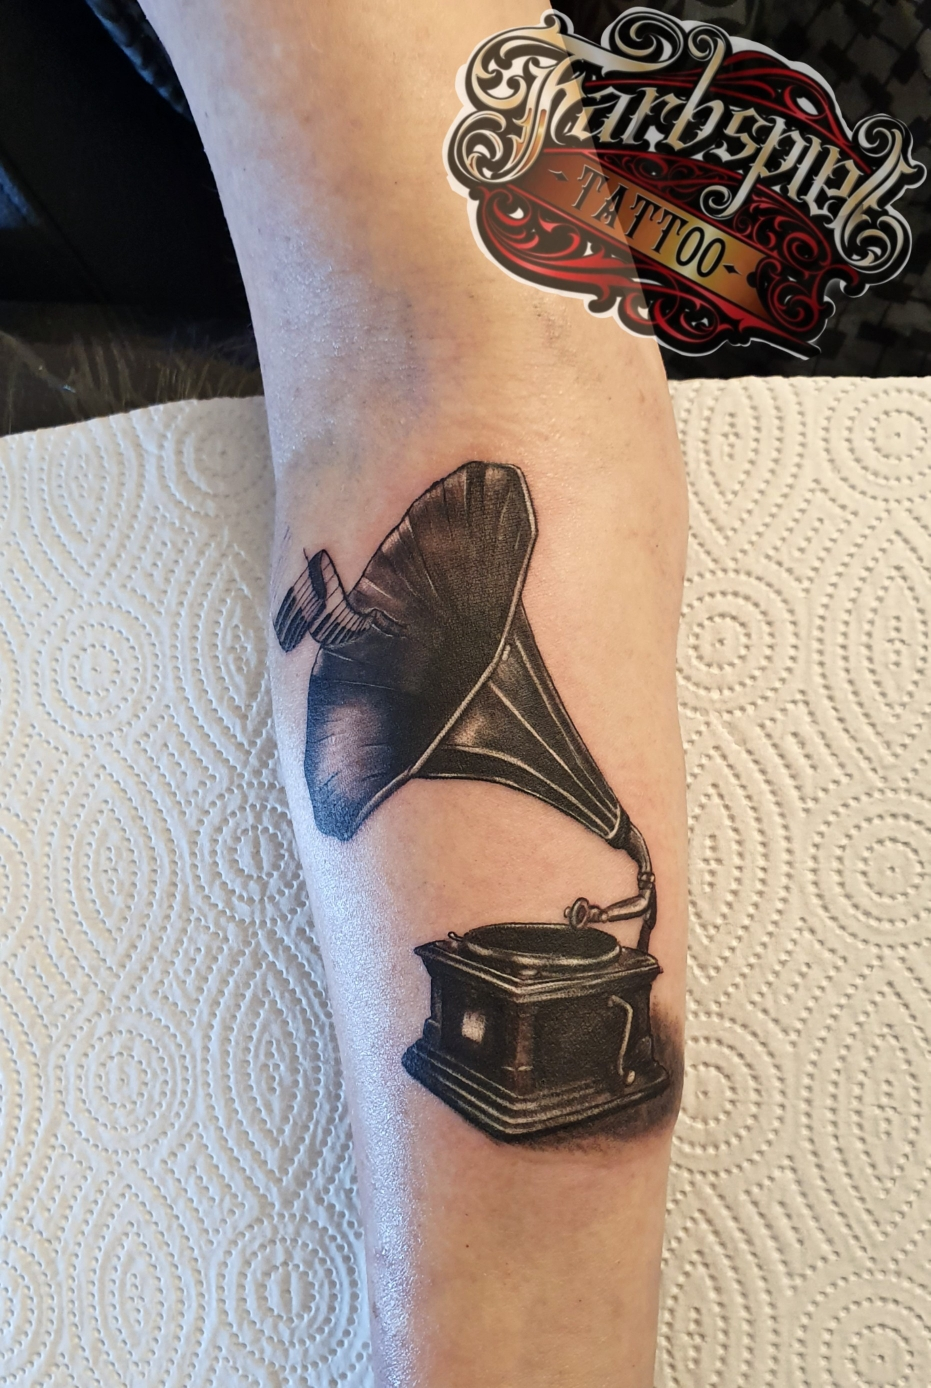 Grammophon tattoo